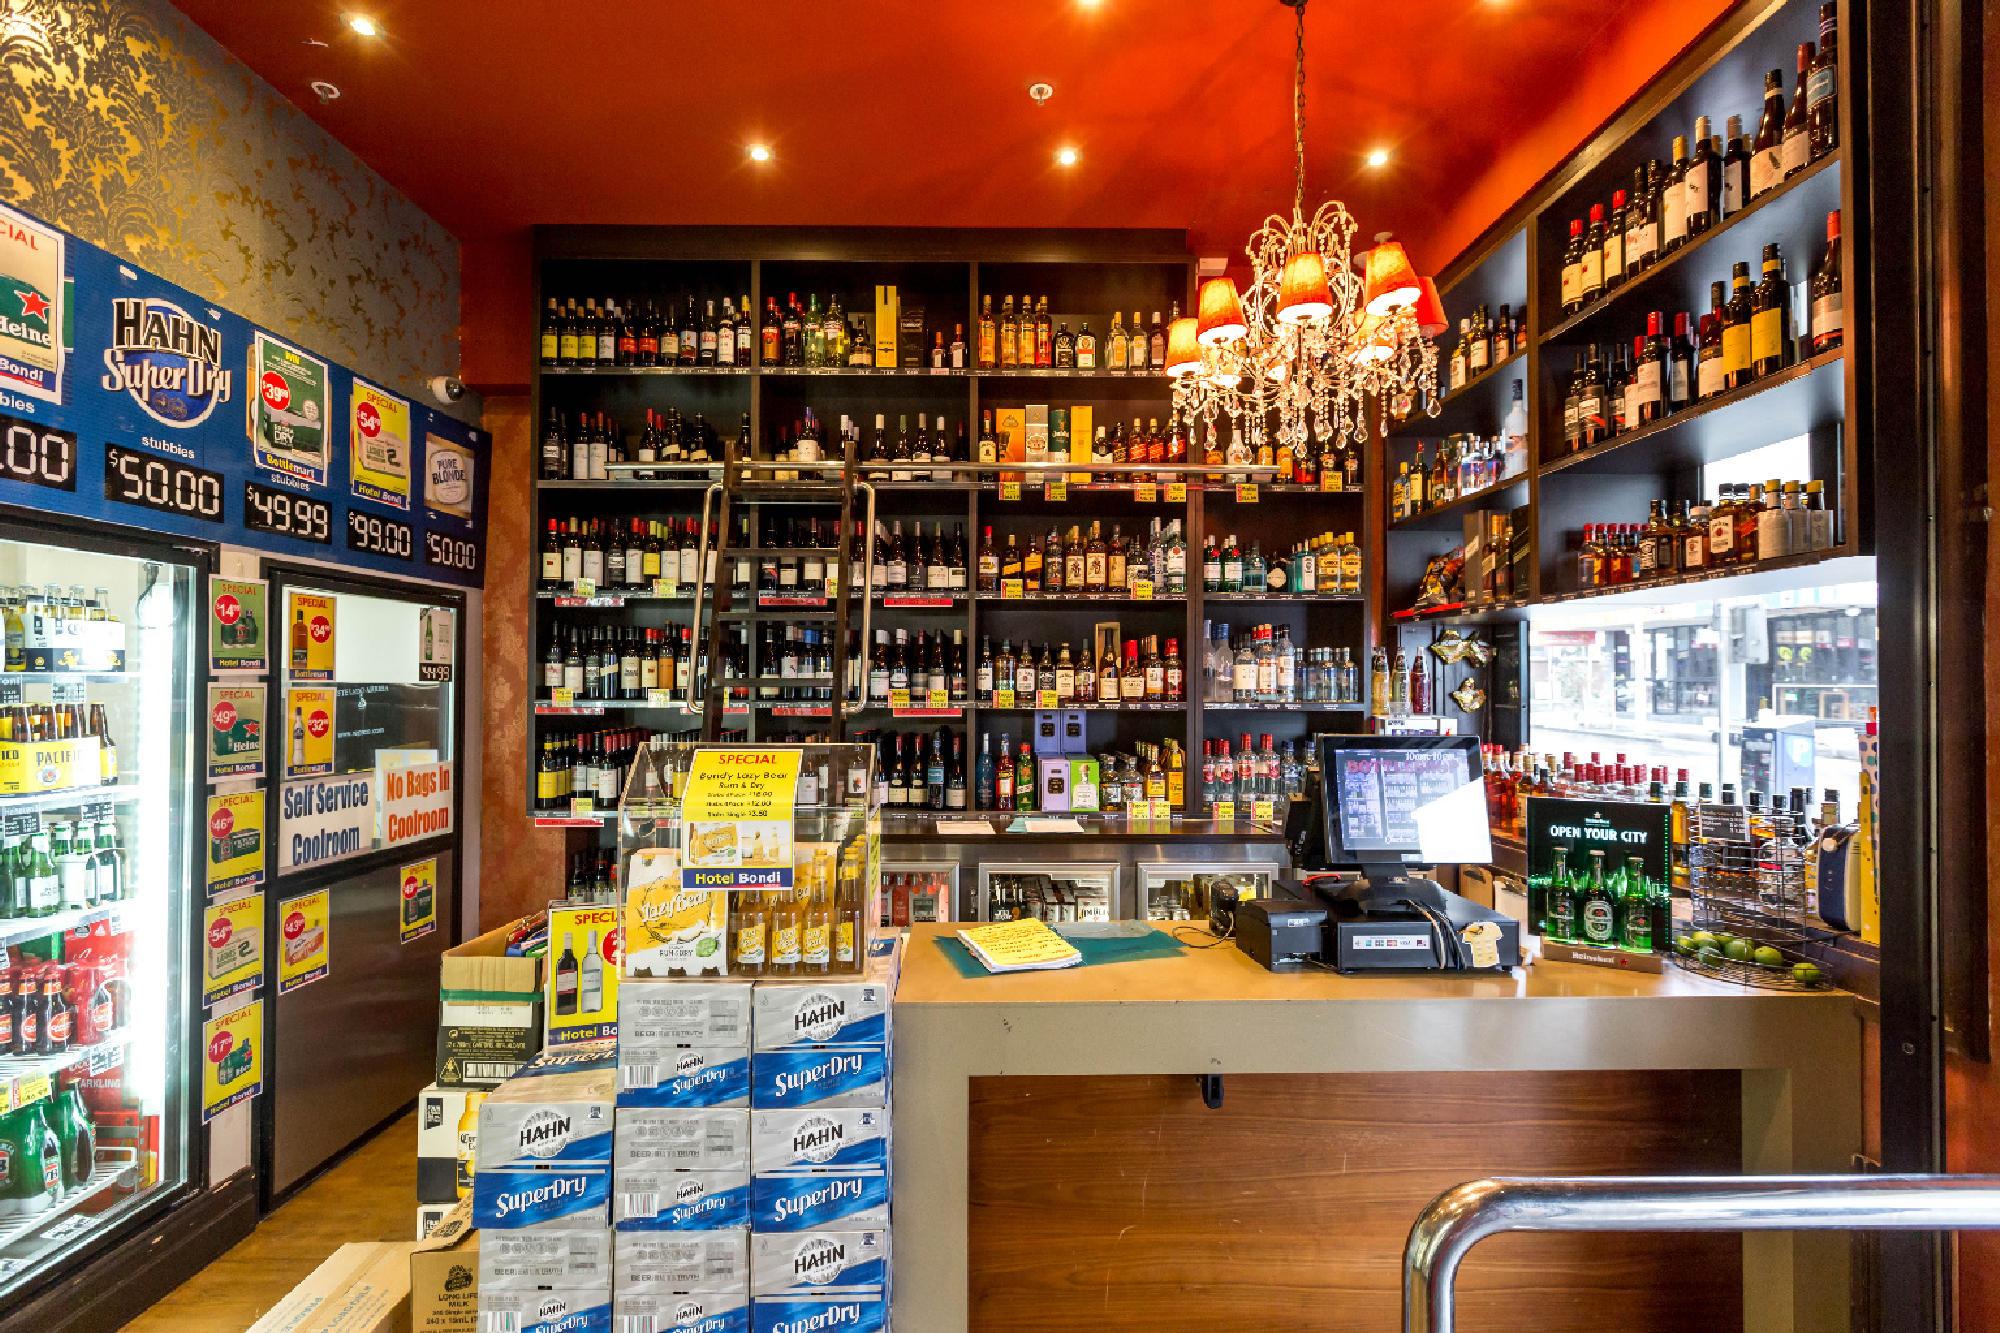 14712695-jpg-bottle-shop--v14712695-2000-d85ed137b-w2000-h1333-q75.jpg